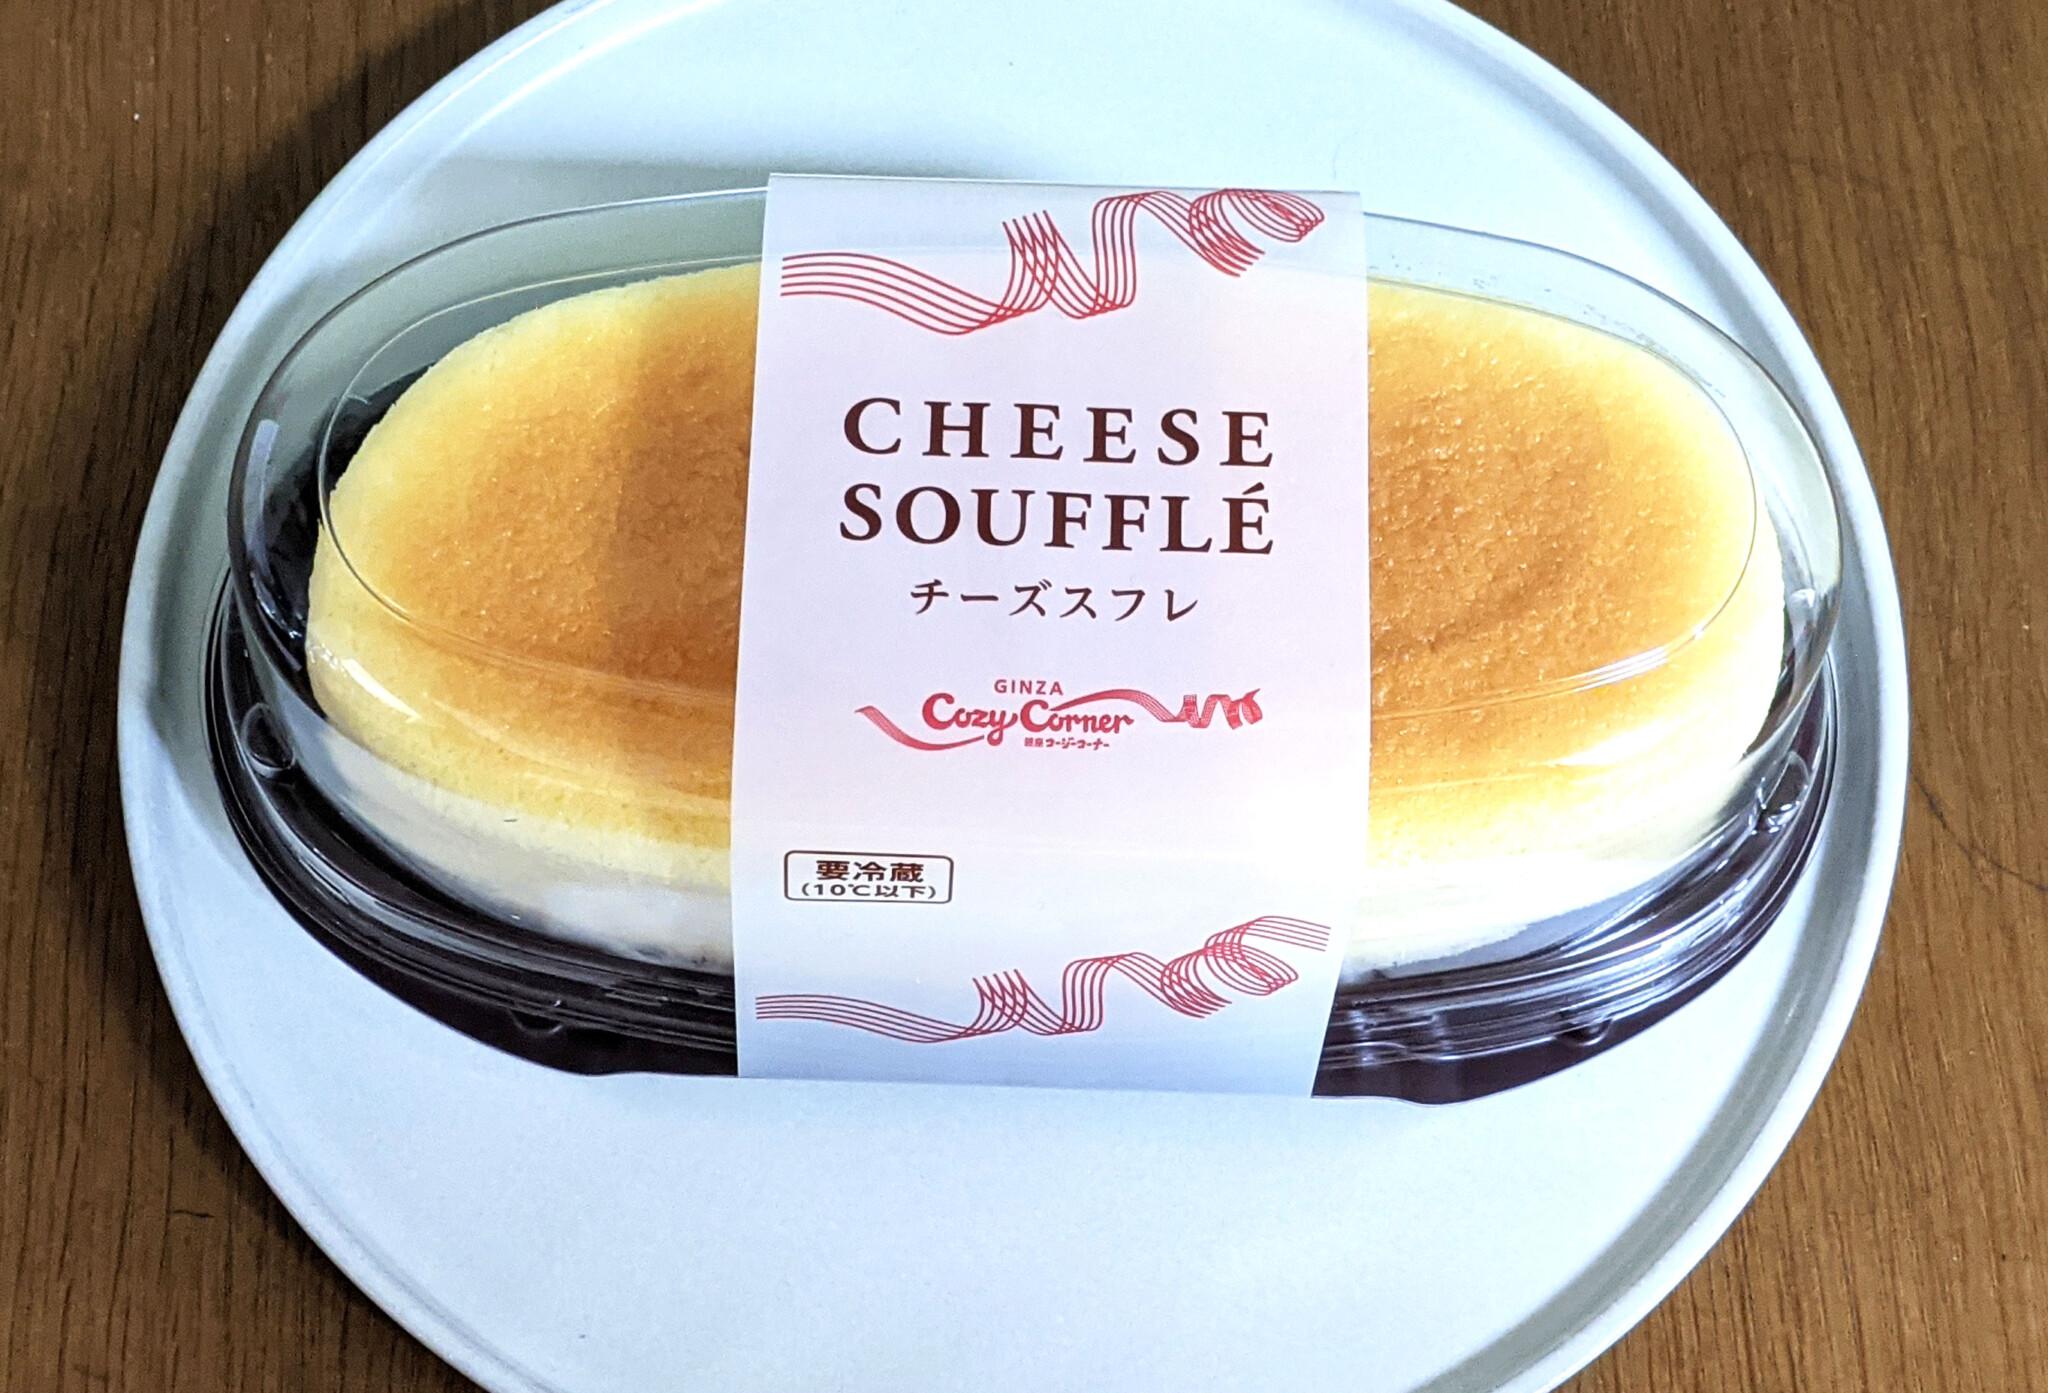 銀座コージーコーナー コージープリンセス チーズスフレ ジャンボシュークリーム